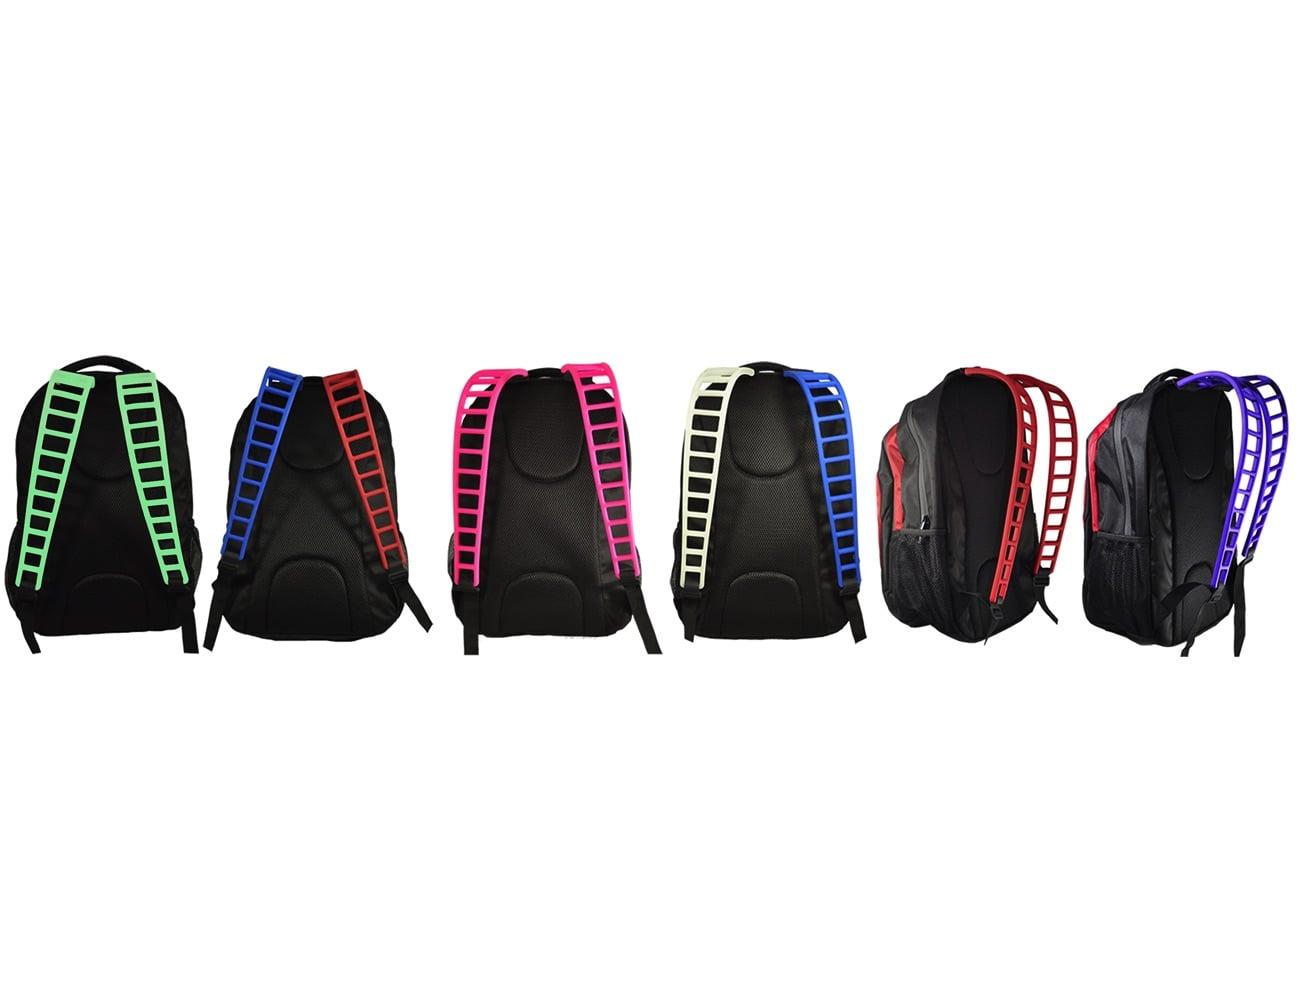 LocoMödiv Silicone Strap Gear Bags